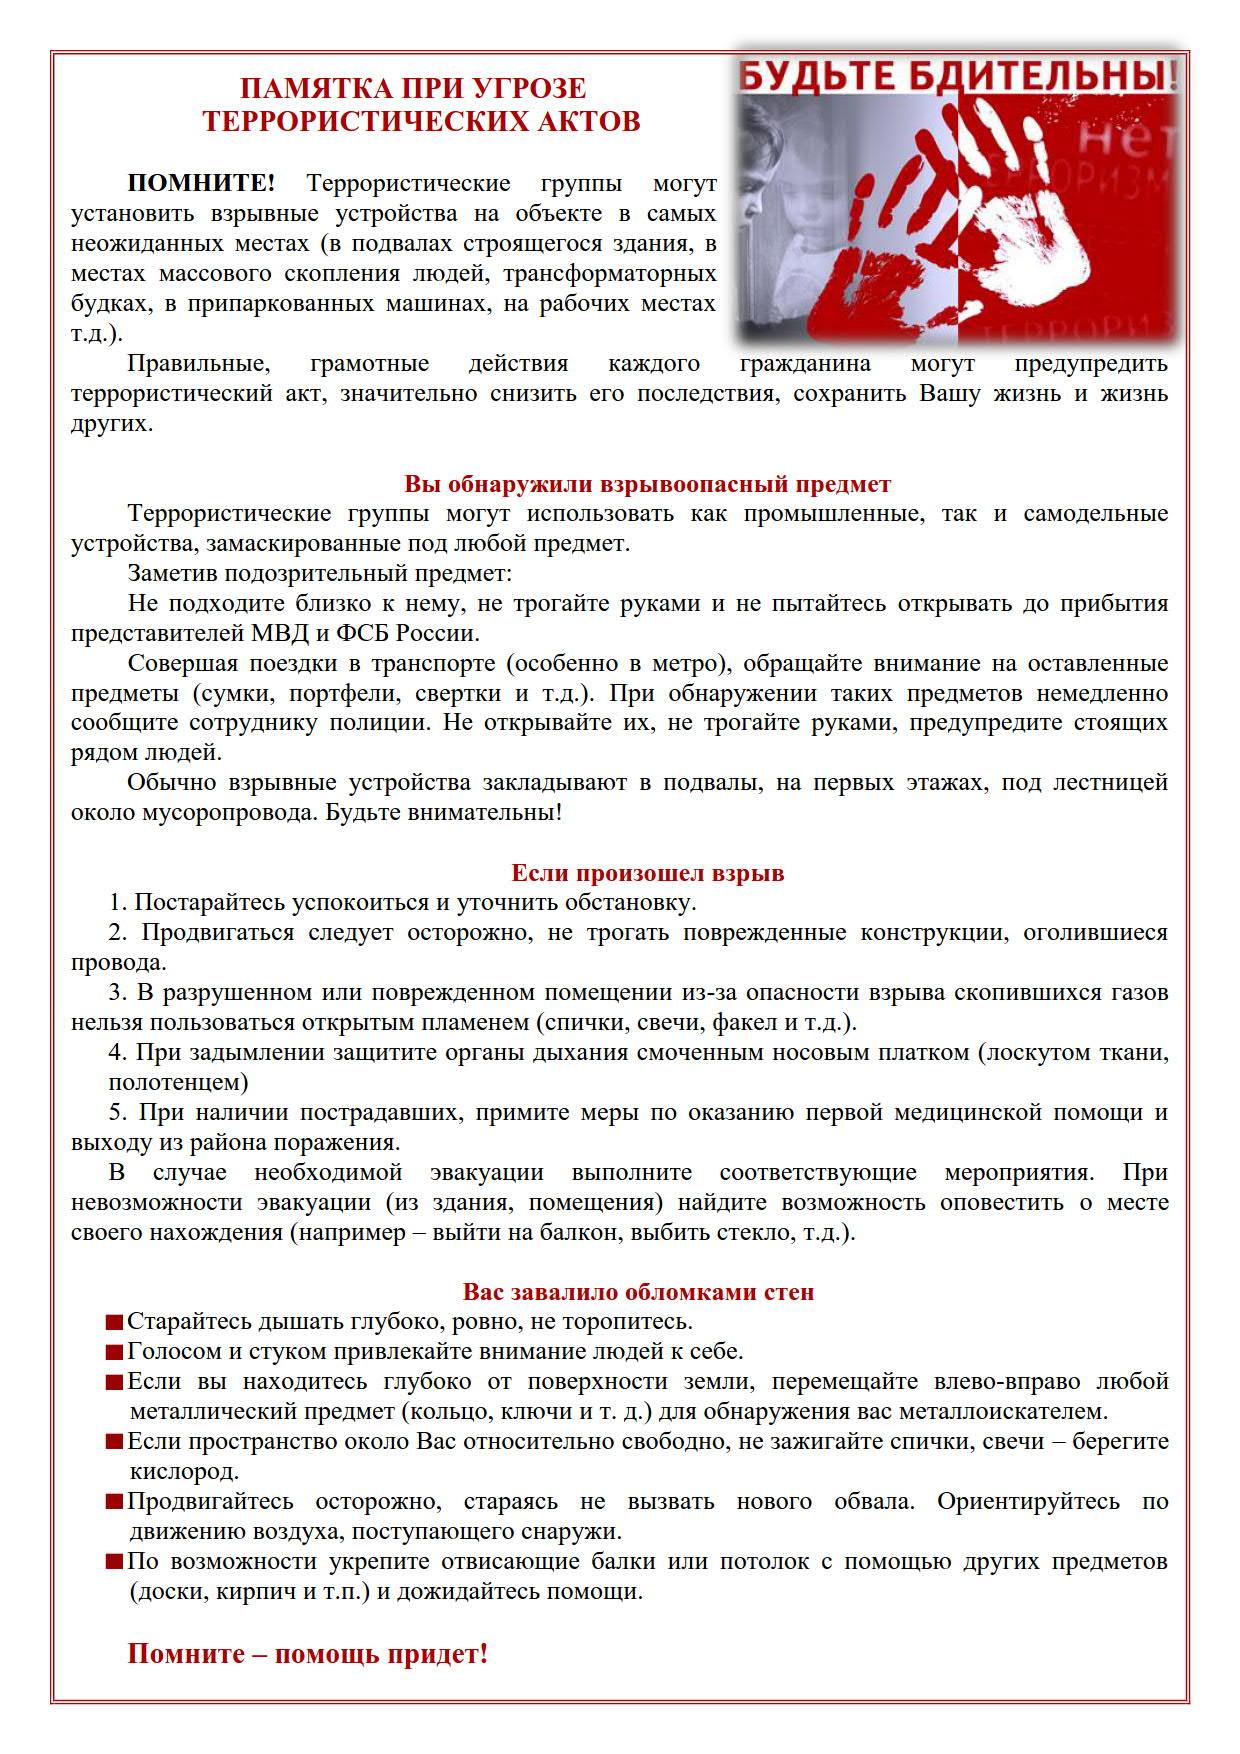 ПАМЯТКА при угрозе террористических актов_1